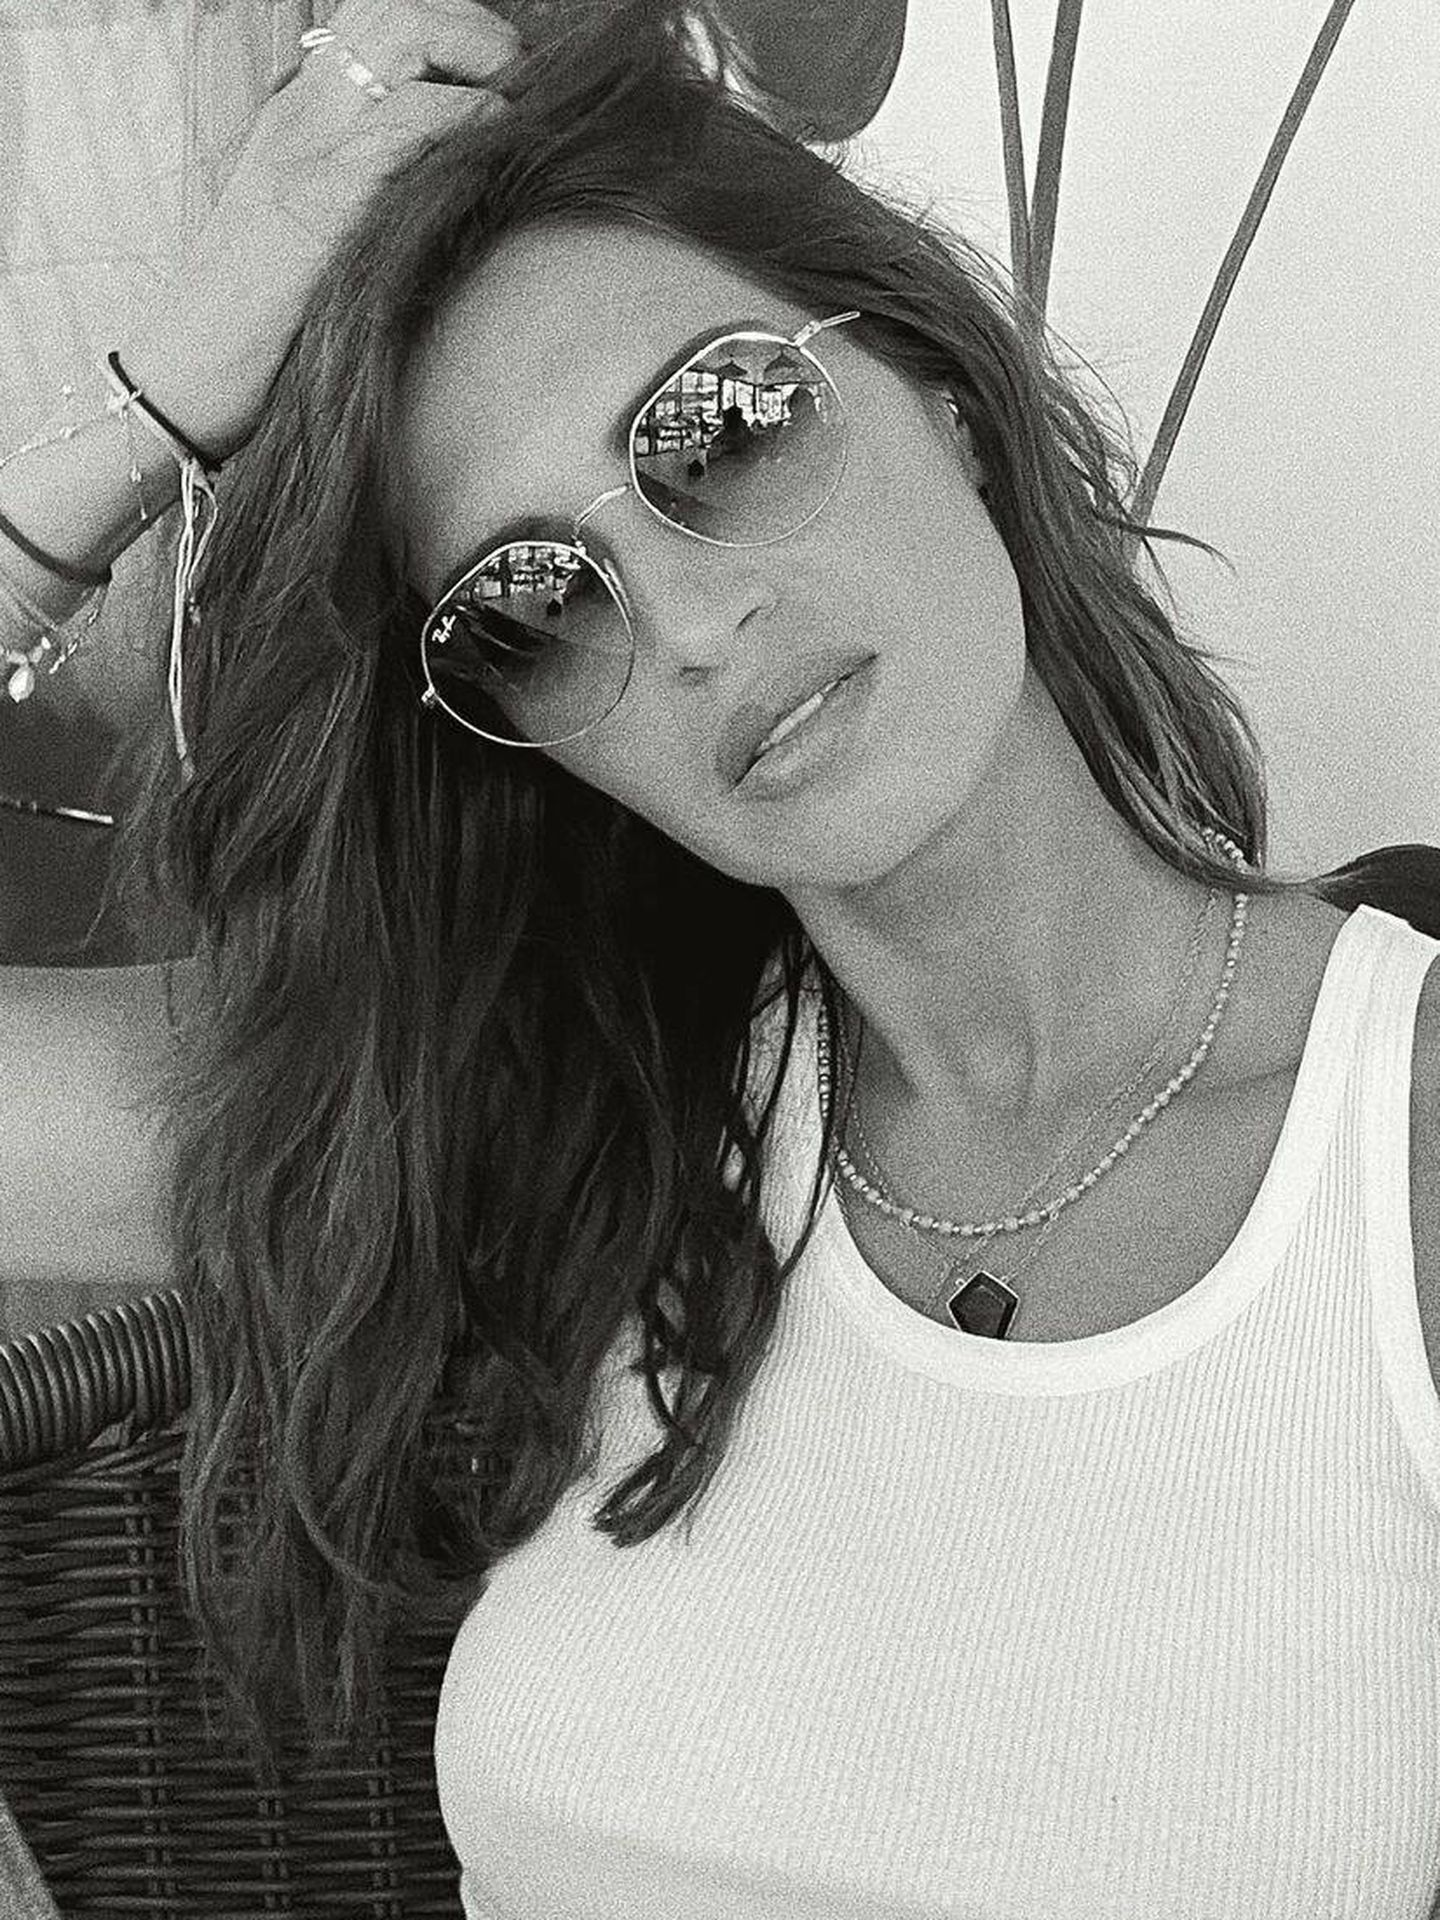 El nuevo look rizado de Sara Carbonero. (Instagram @saracarbonero)